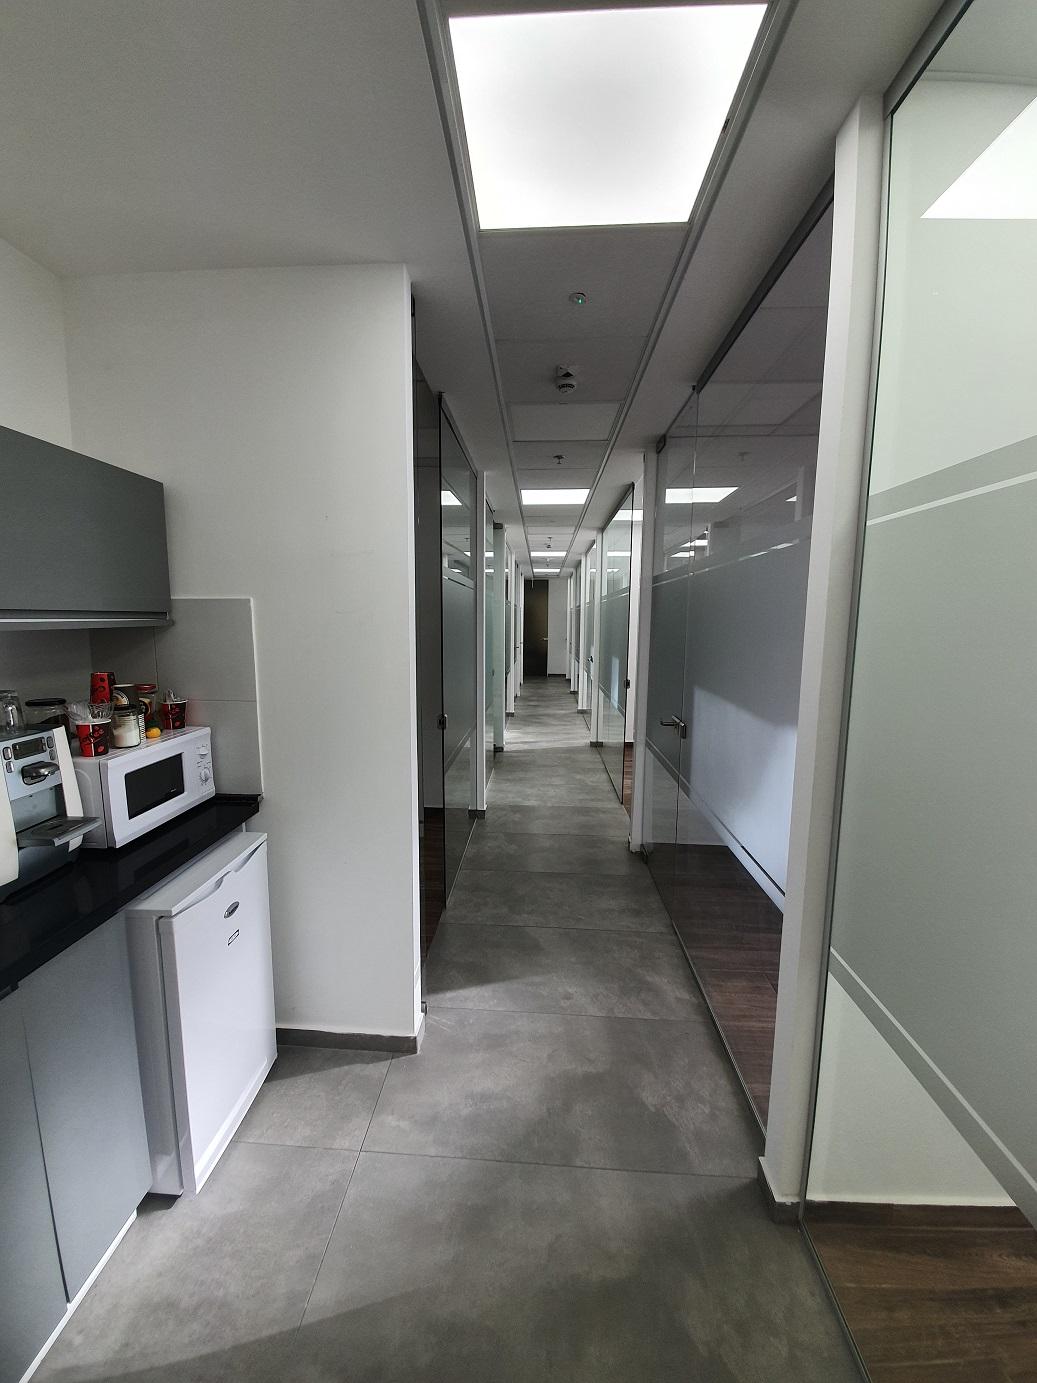 משרד להשכרה במגדלי אלון